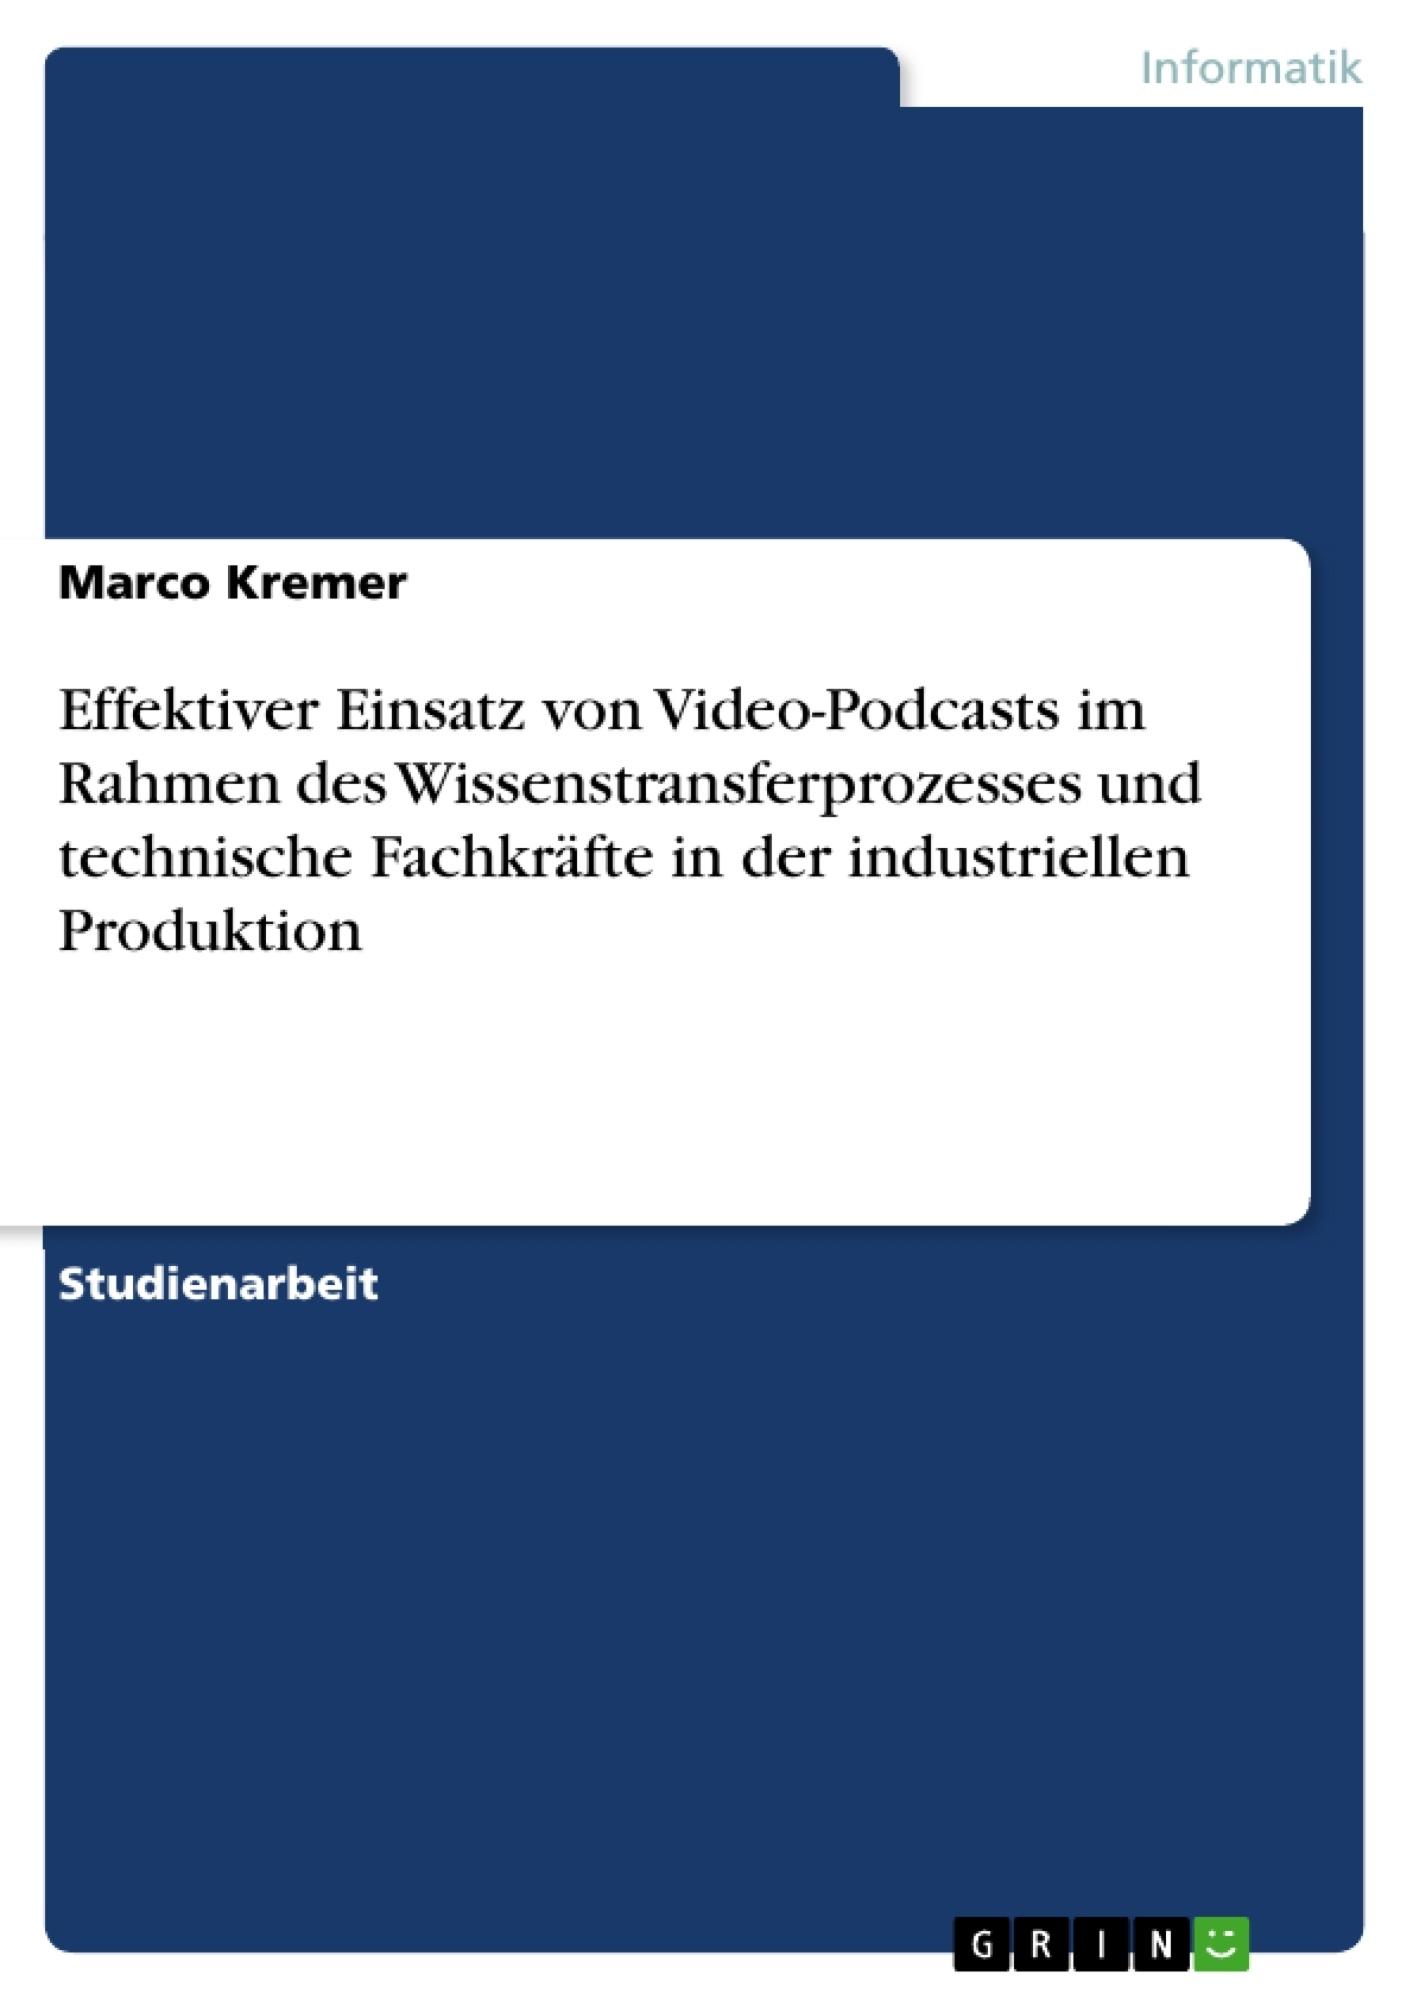 Titel: Effektiver Einsatz von Video-Podcasts im Rahmen des Wissenstransferprozesses und technische Fachkräfte in der industriellen Produktion